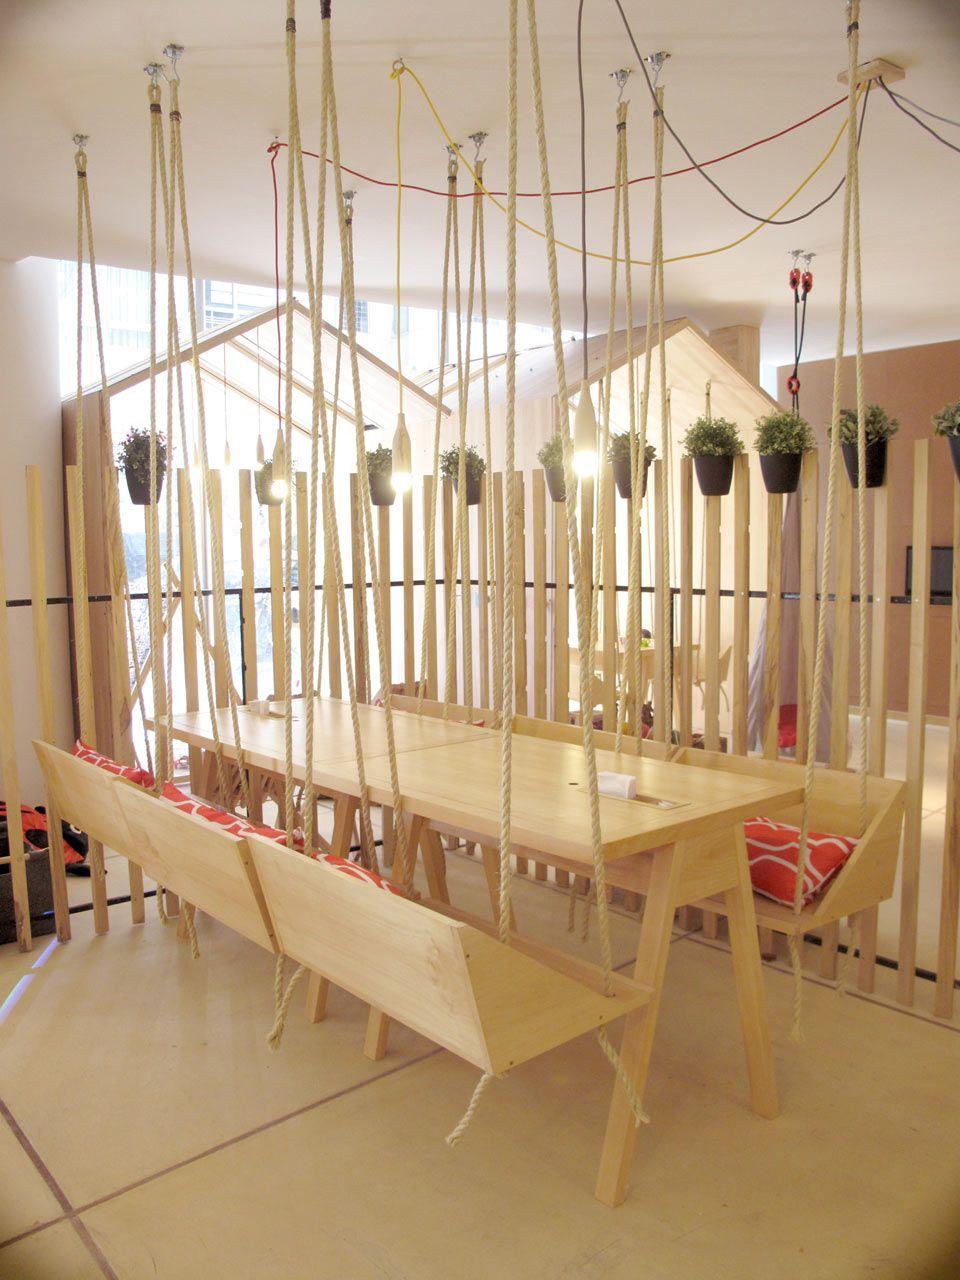 fiii fun house restaurant iris cantante 5 - Kinderzimmer Dekoration In Schulen